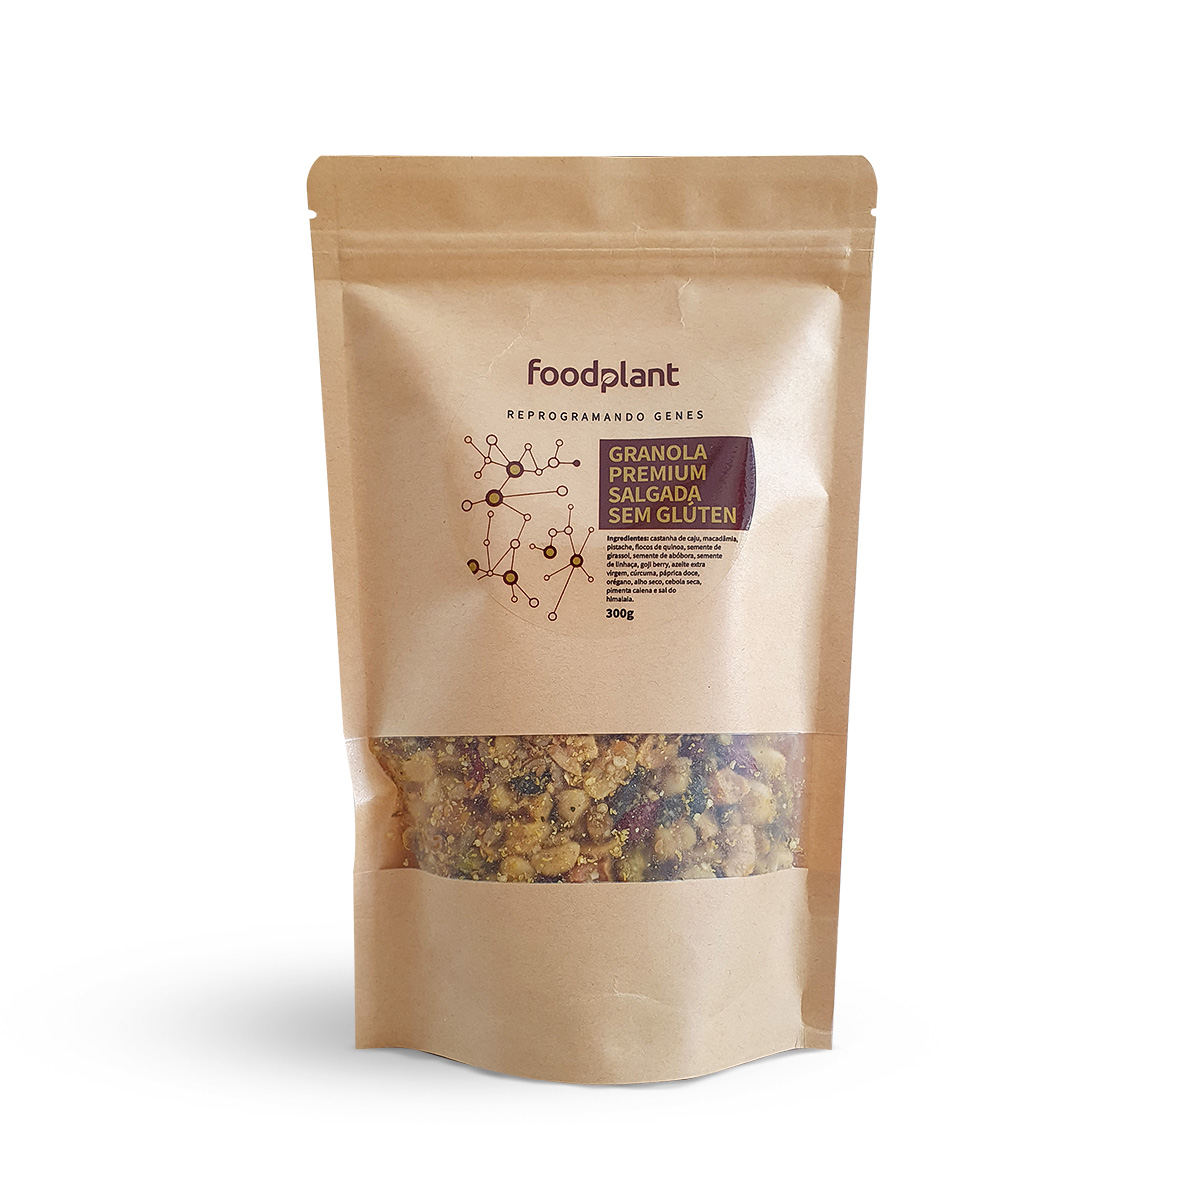 Granola Premium Salgada Foodplant 300g